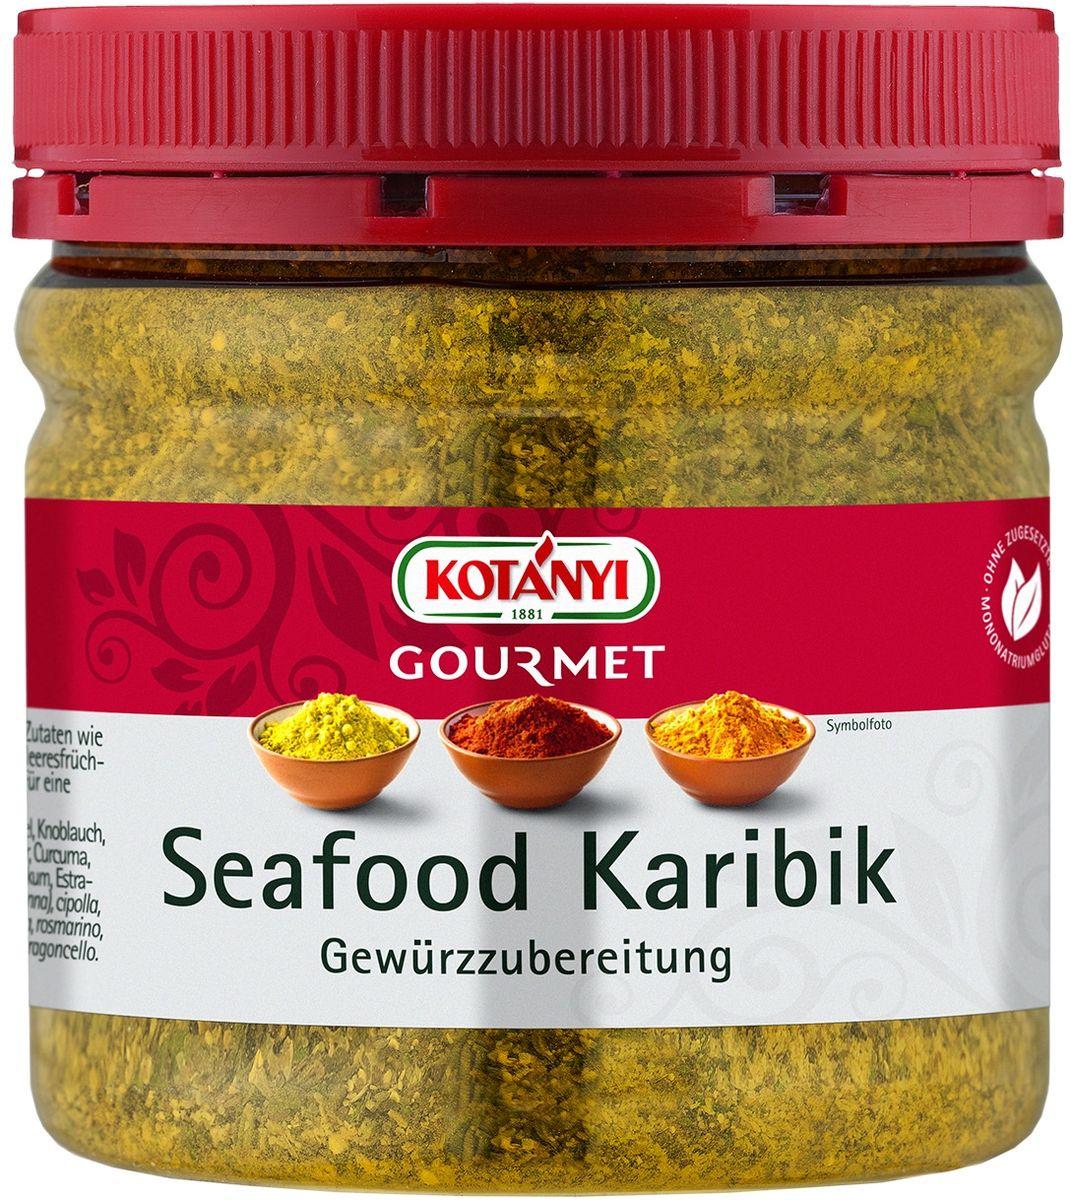 Kotanyi Для морепродуктов по-карибски, 227 г0120710Приправа для морепродуктов по-карибски Информация о продукте: для рыбы и морепродуктов, а также для овощей и сыра тофу. Состав: соль йодированная (соль, калия йодид), коричневый сахар (сахар, сахарный сироп, карамельный сахарный сироп), лук, чеснок, черный перец, куркума, розмарин, лимонная цедра (2,5%), тимьян, петрушка, мята, чабер, базилик, натуральный ароматизатор лимон, эстрагон. Может содержать следы глютеносодержащих злаков, яиц, сои, сельдерея, кунжута, орехов, горчицы, молока (лактозы). Пищевая ценность в 100 г: энергетическая ценность: 929 кДж/221 кКал, белки 5 г, углеводы 42 г, жиры 1,5 г. Хранить плотно закрытым в сухом месте.